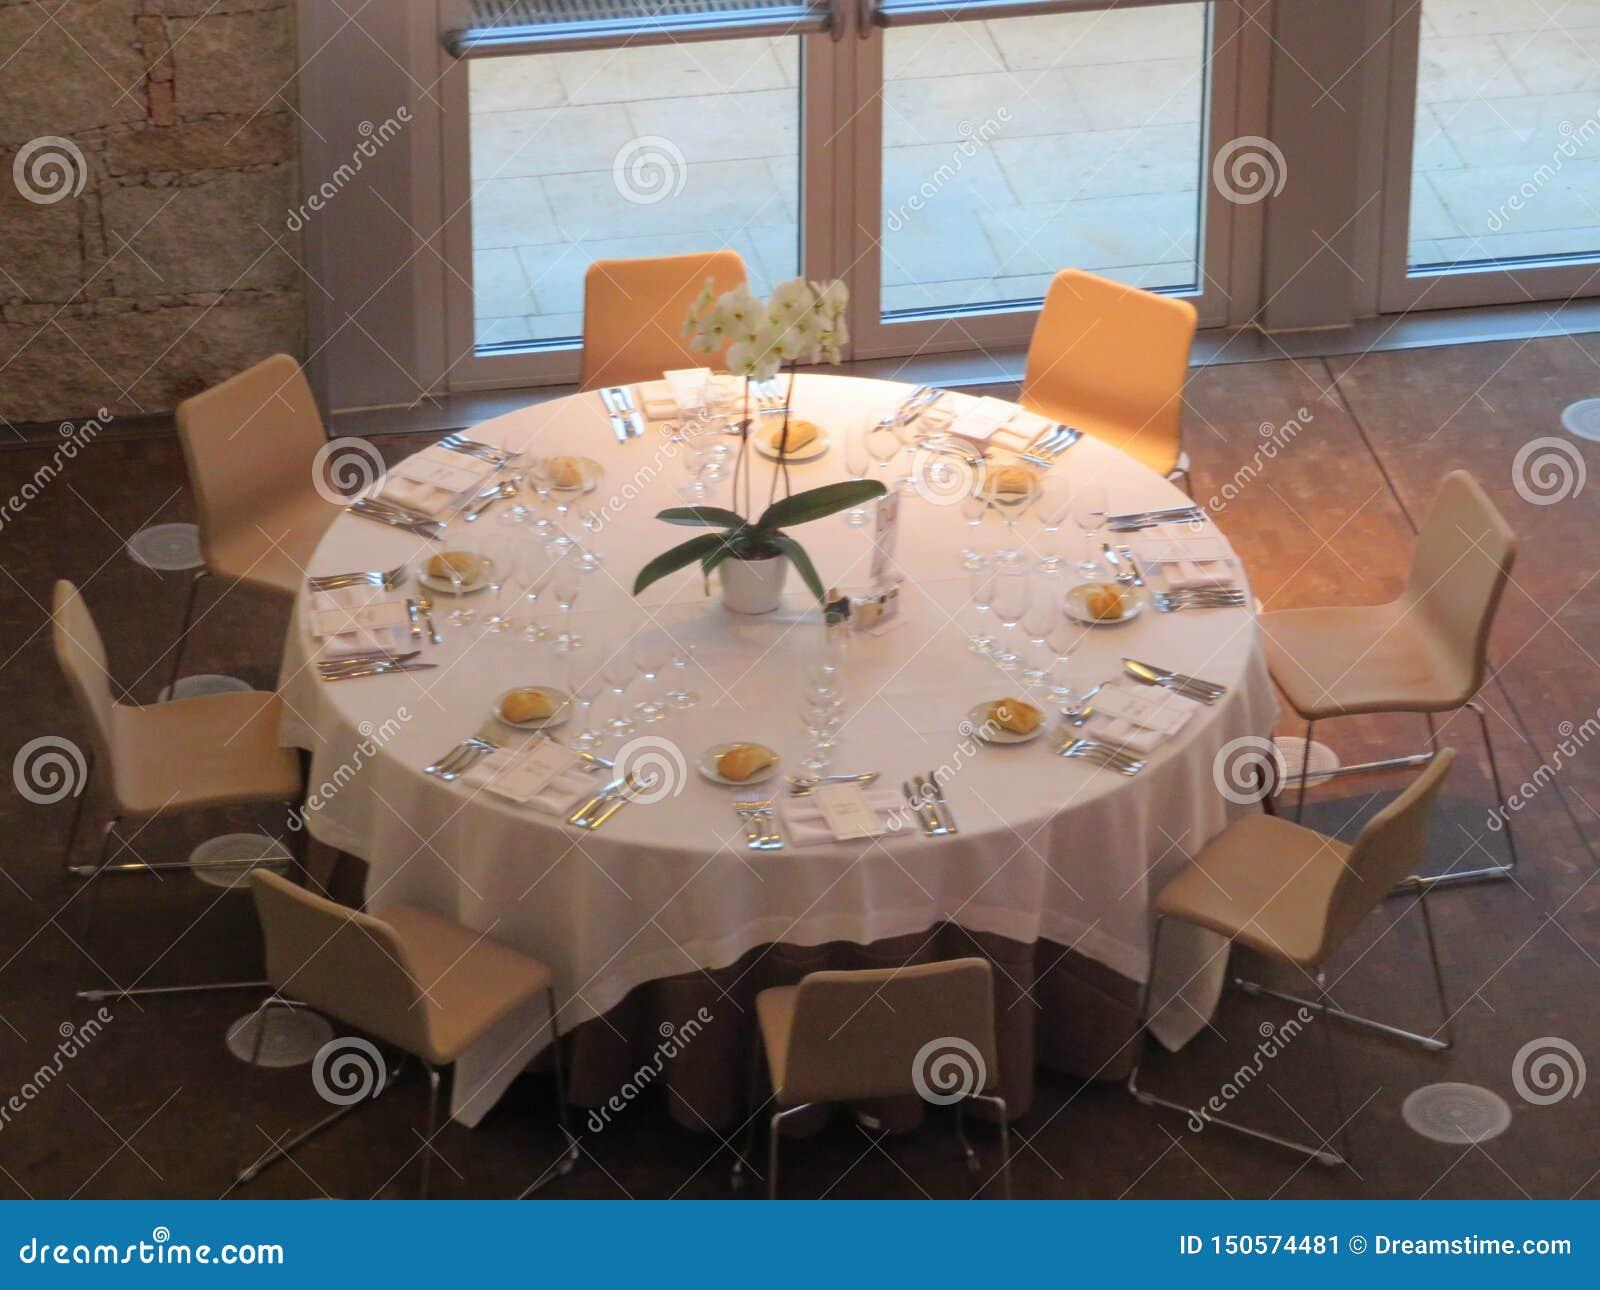 Mesa redonda bonita pronta para receber convidados e consegui-los comer